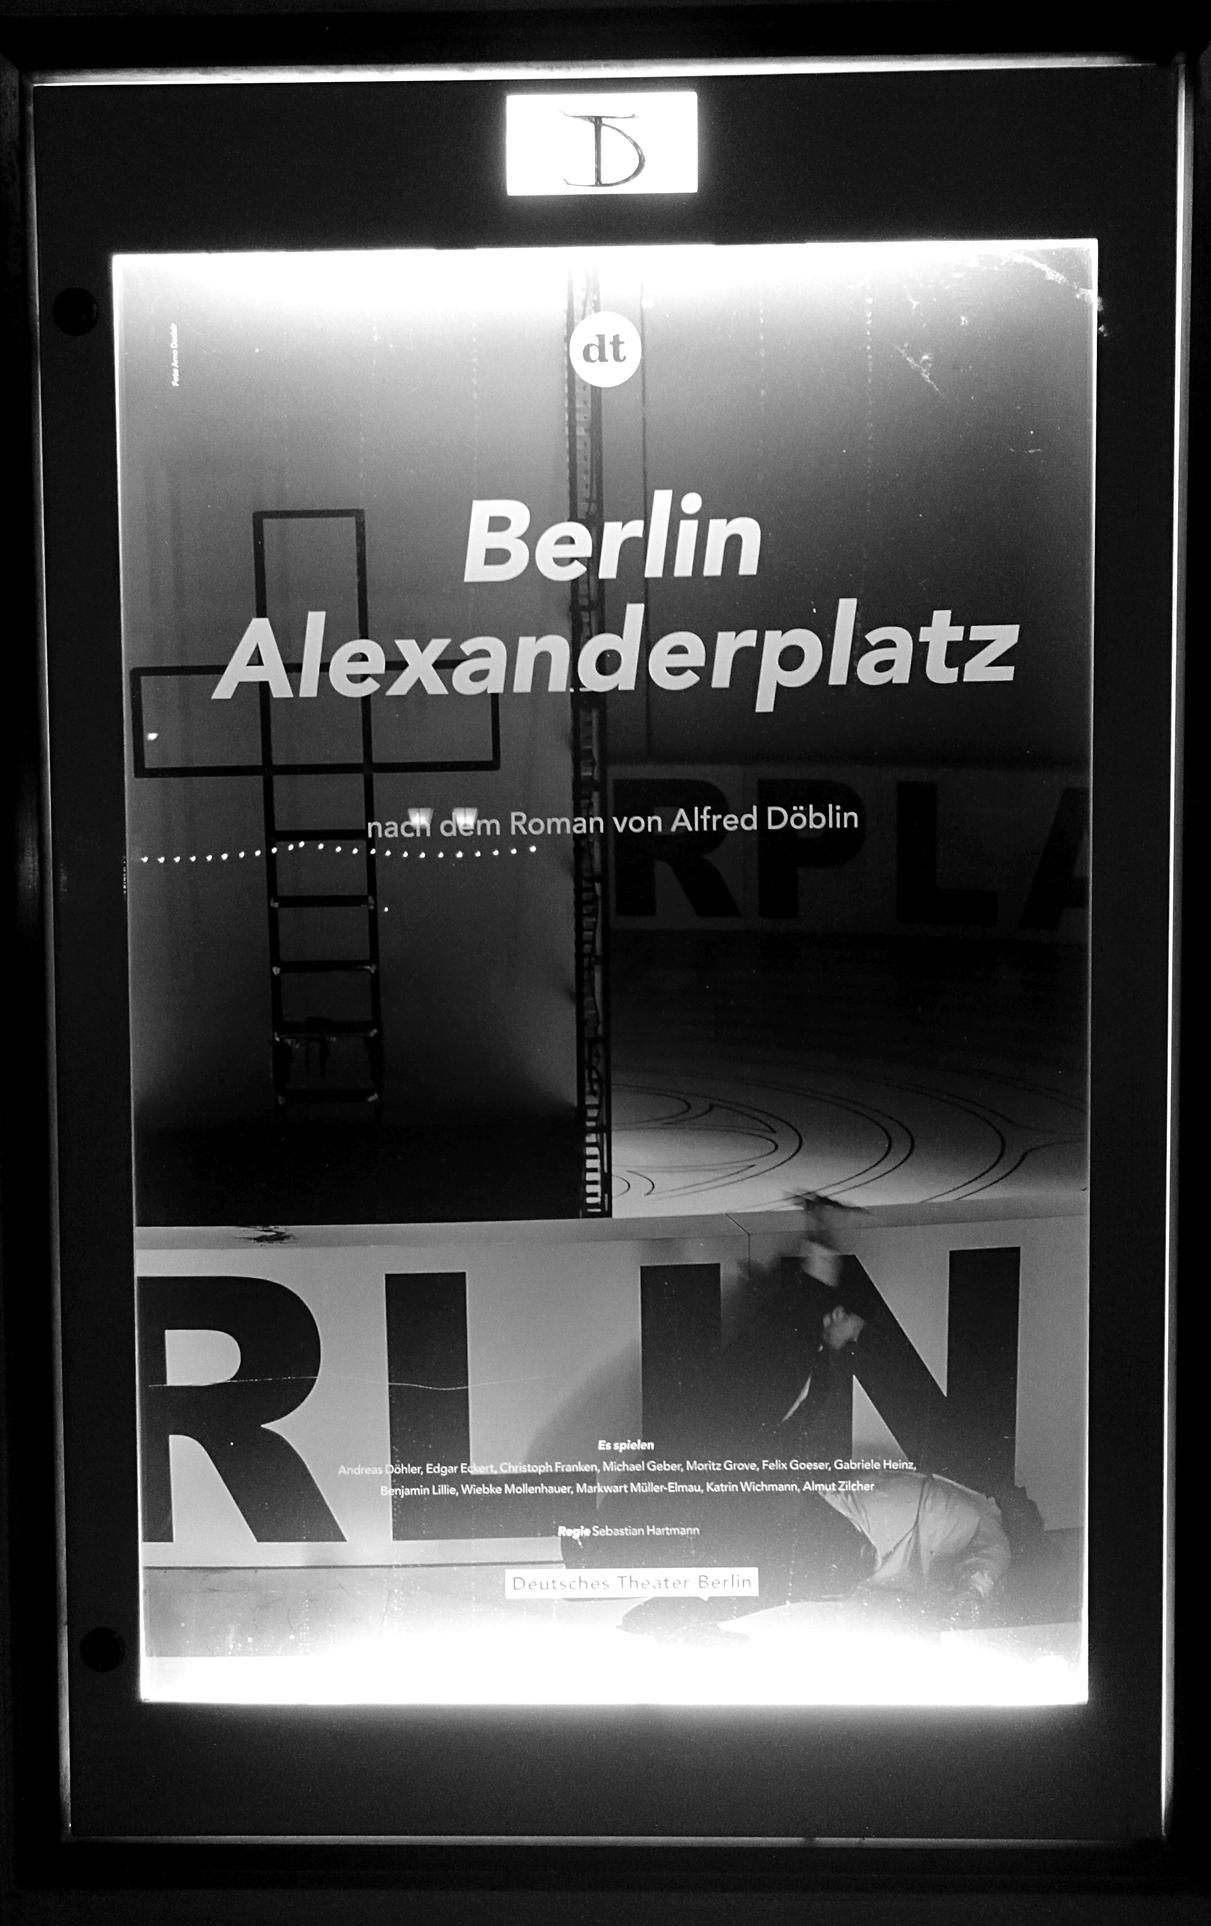 Berlin Alexanderplatz - Foto DT-Schaukasten